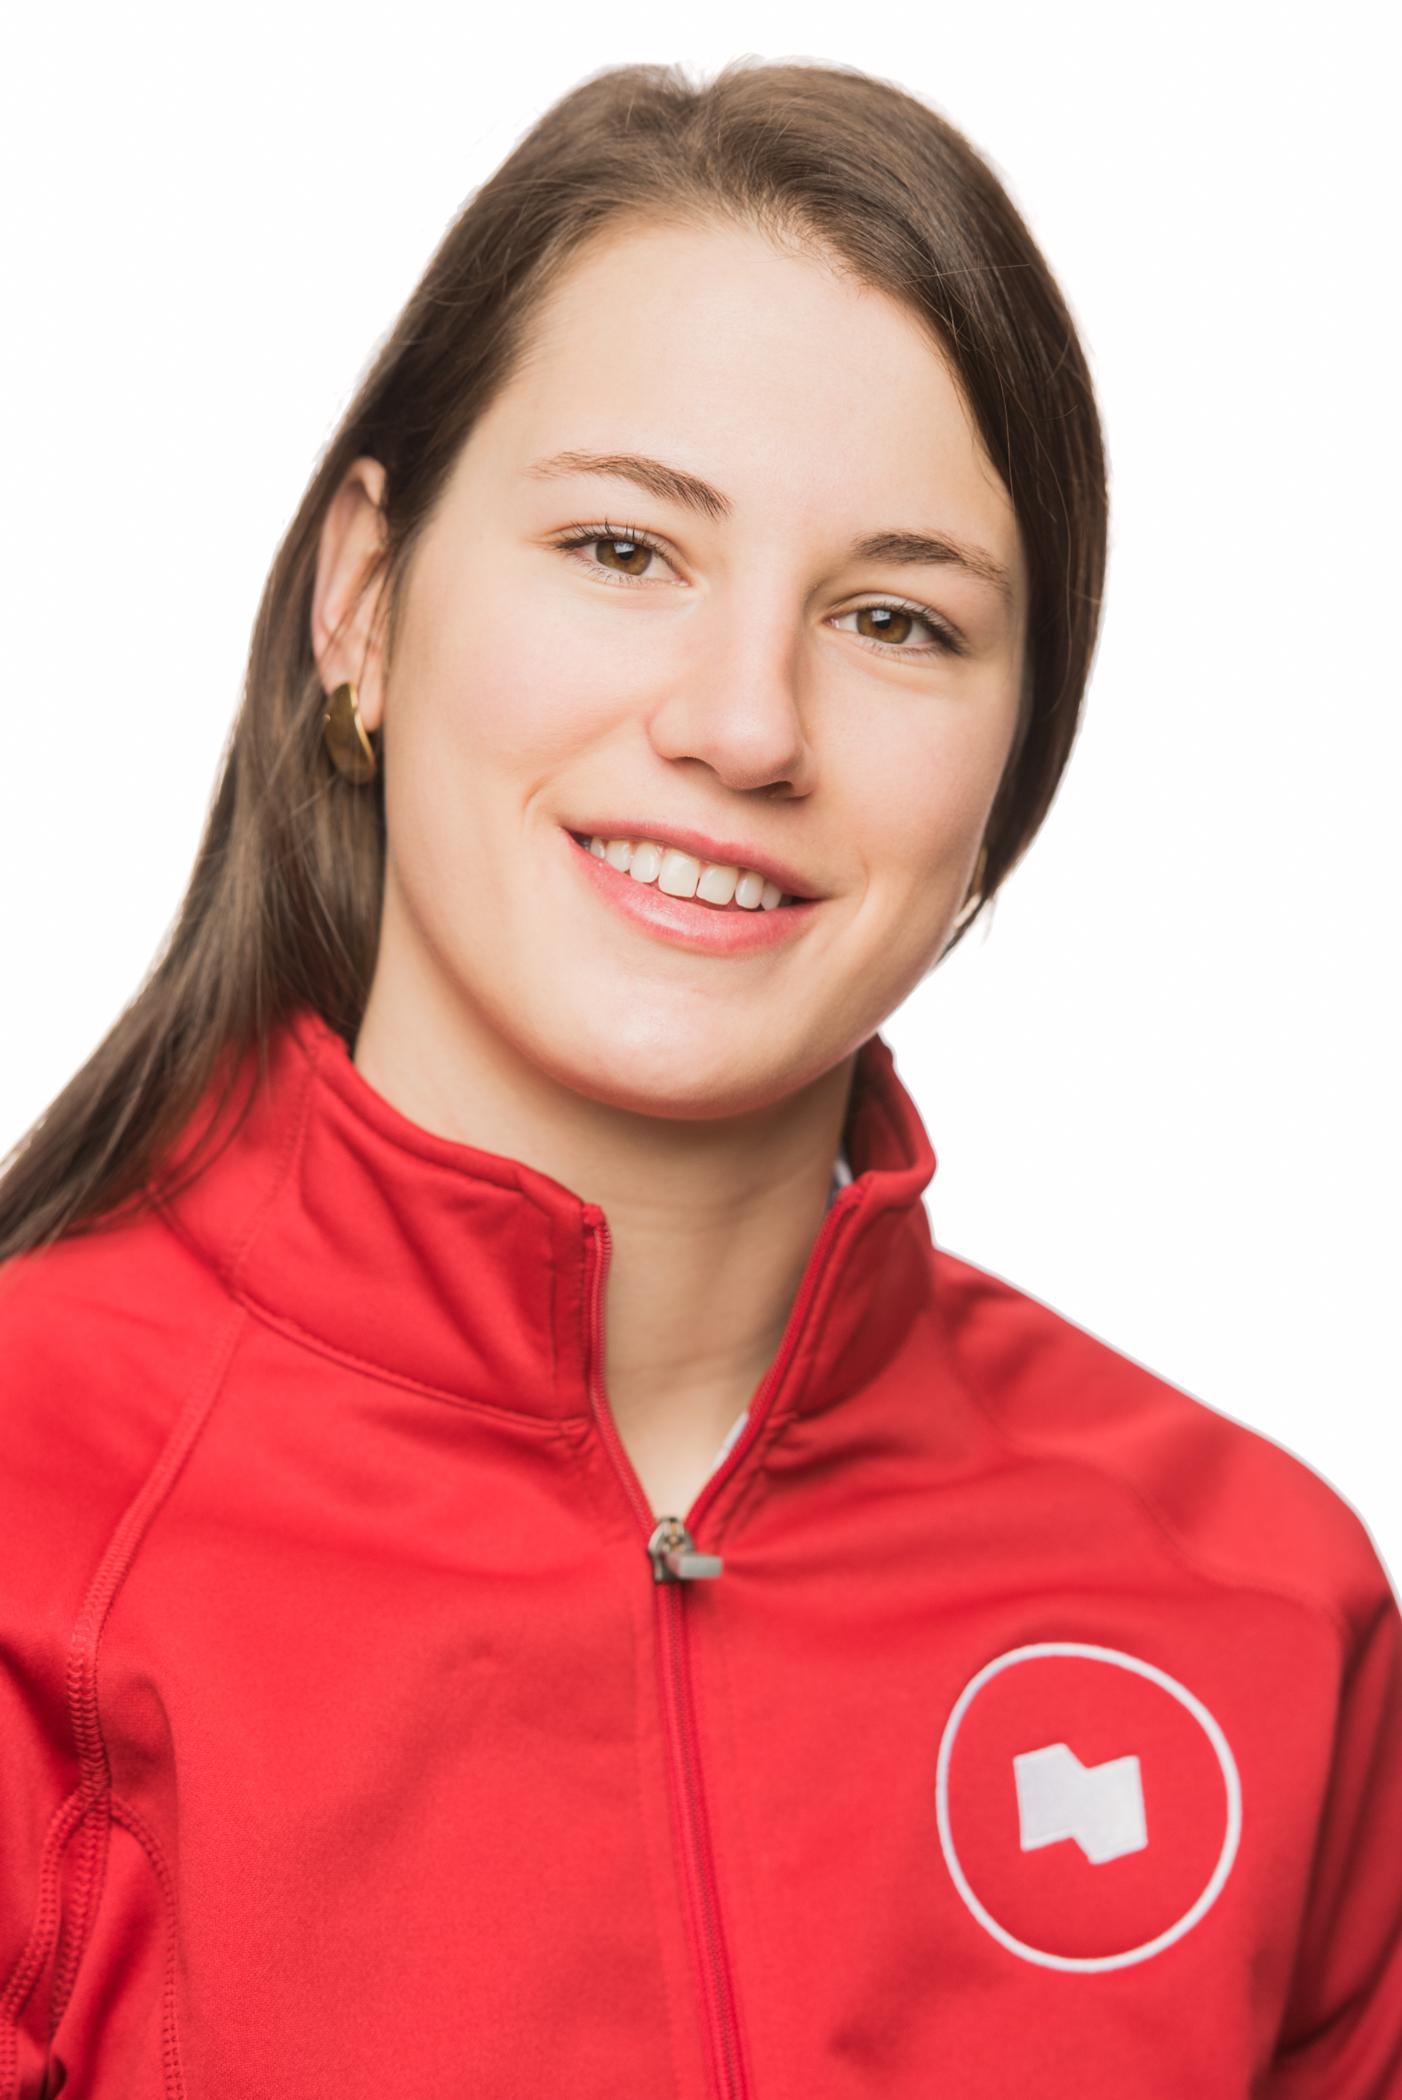 Audrey McManiman